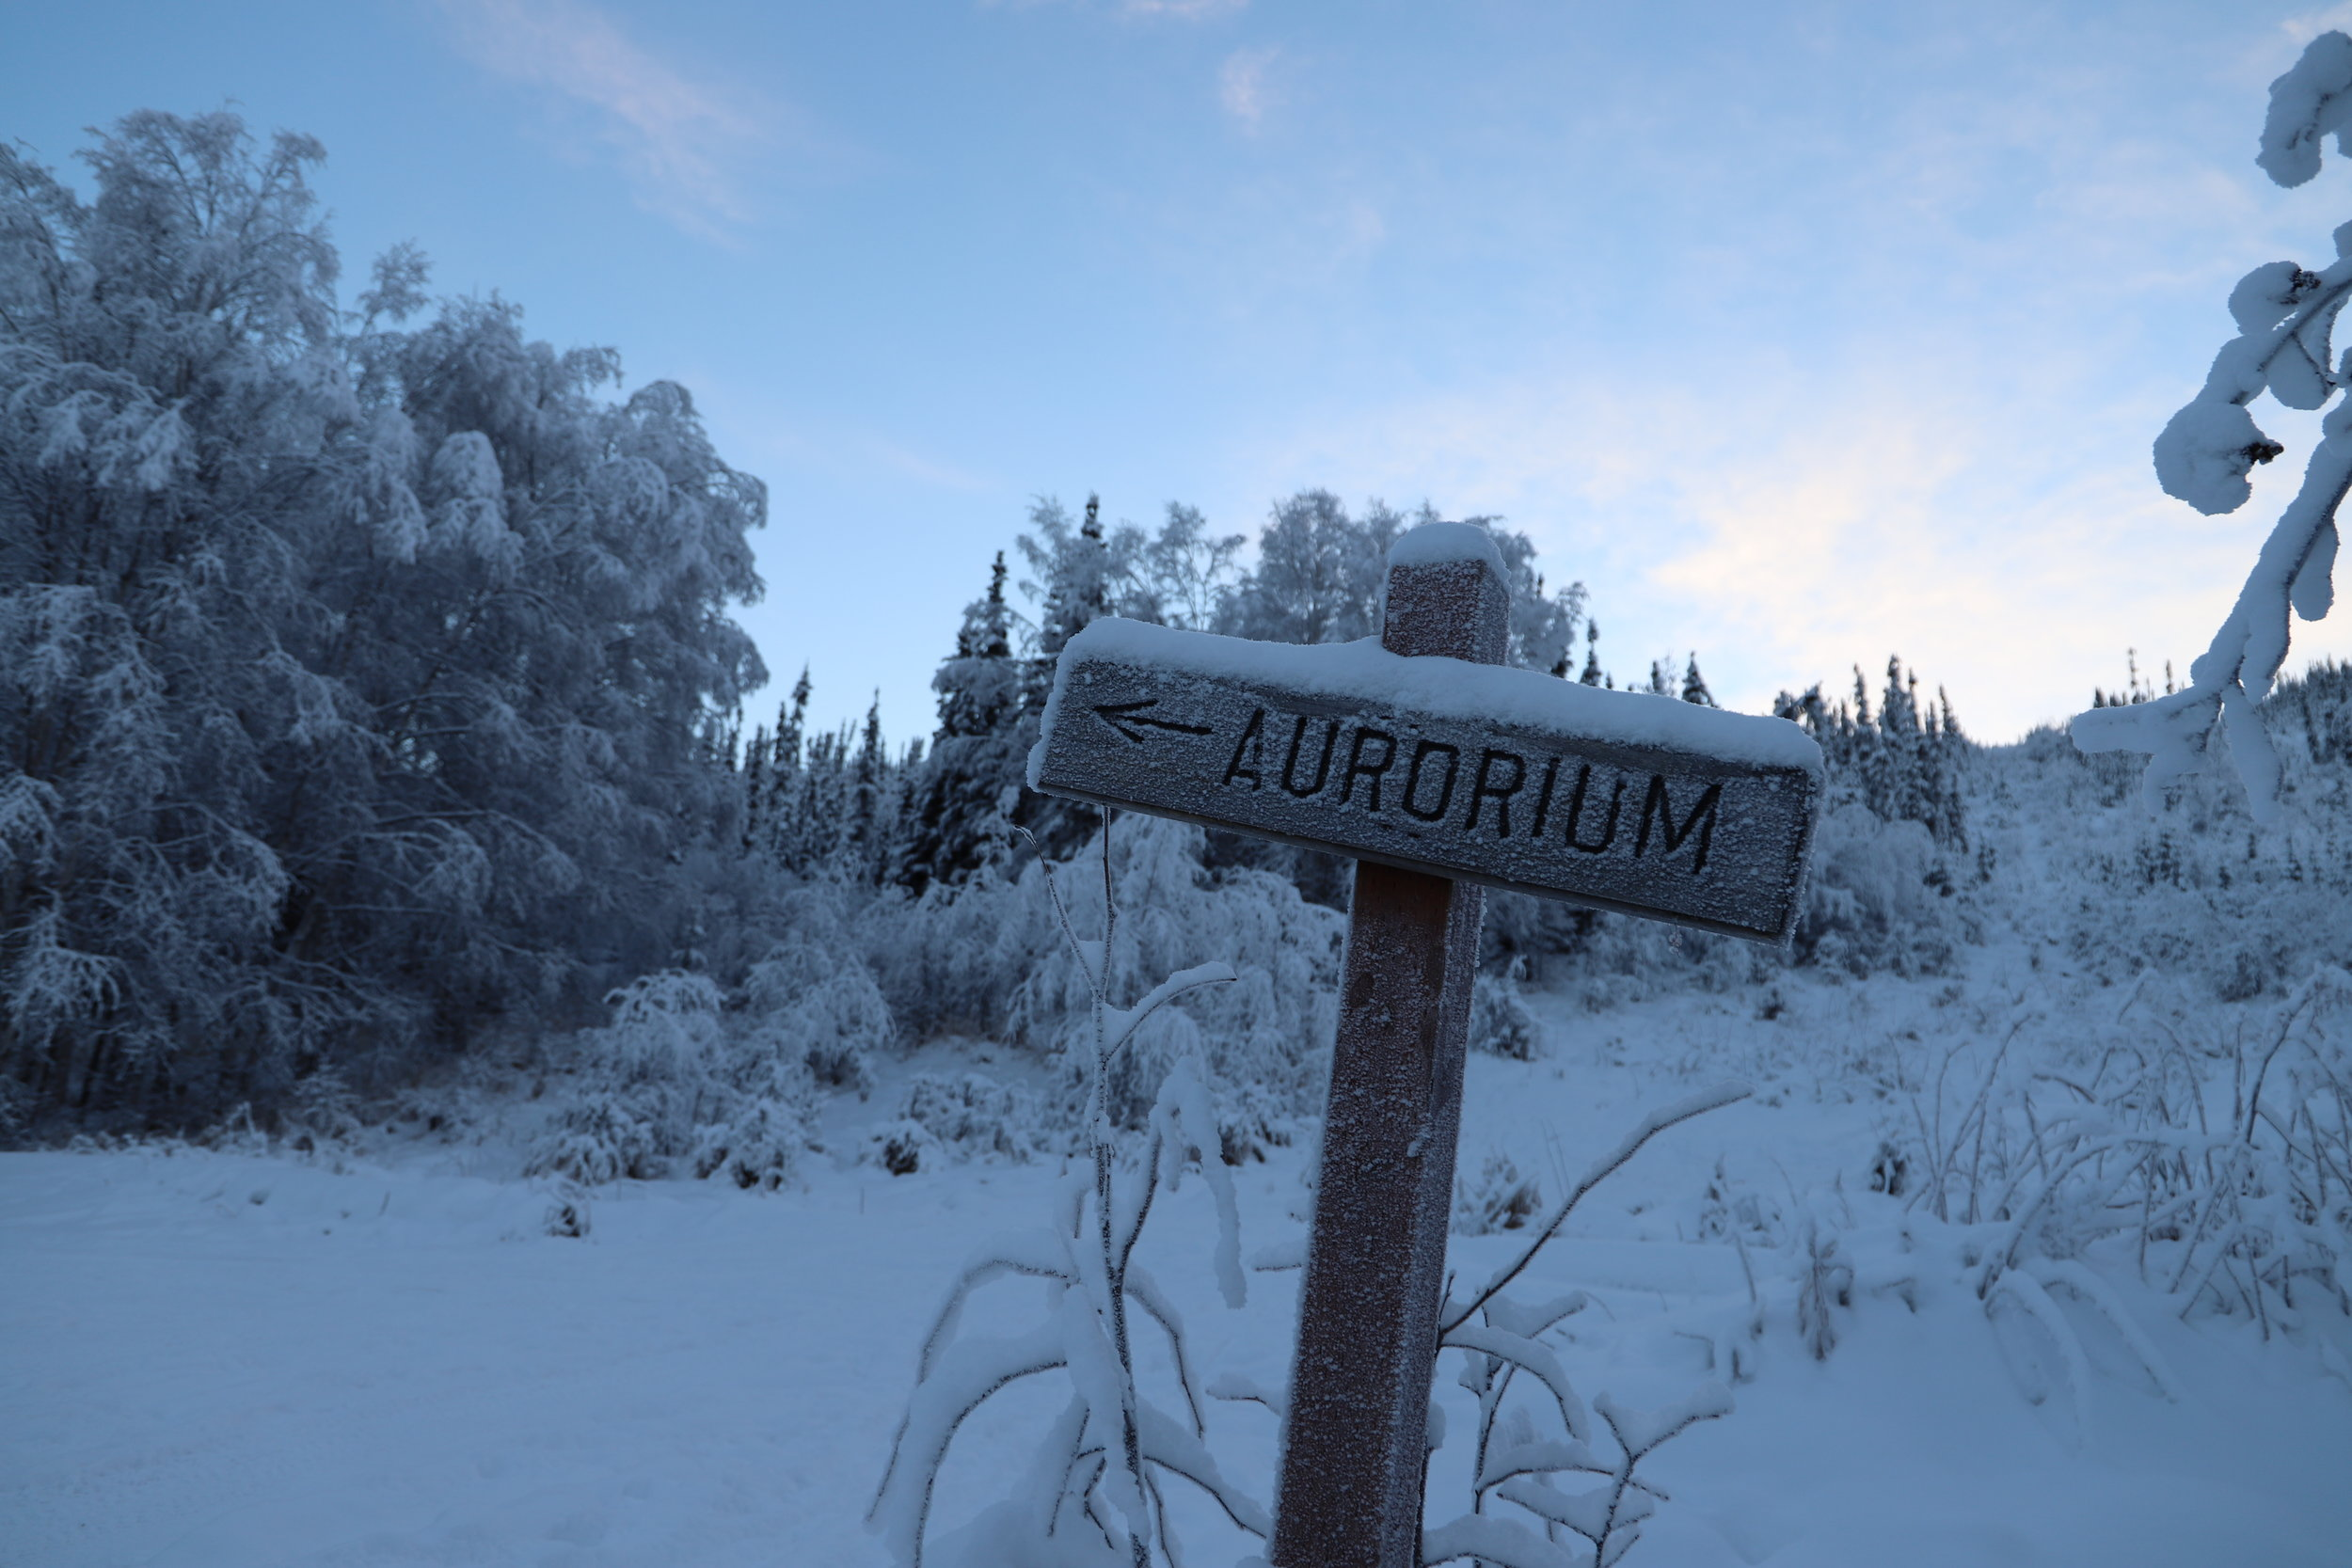 Aurorium.JPG